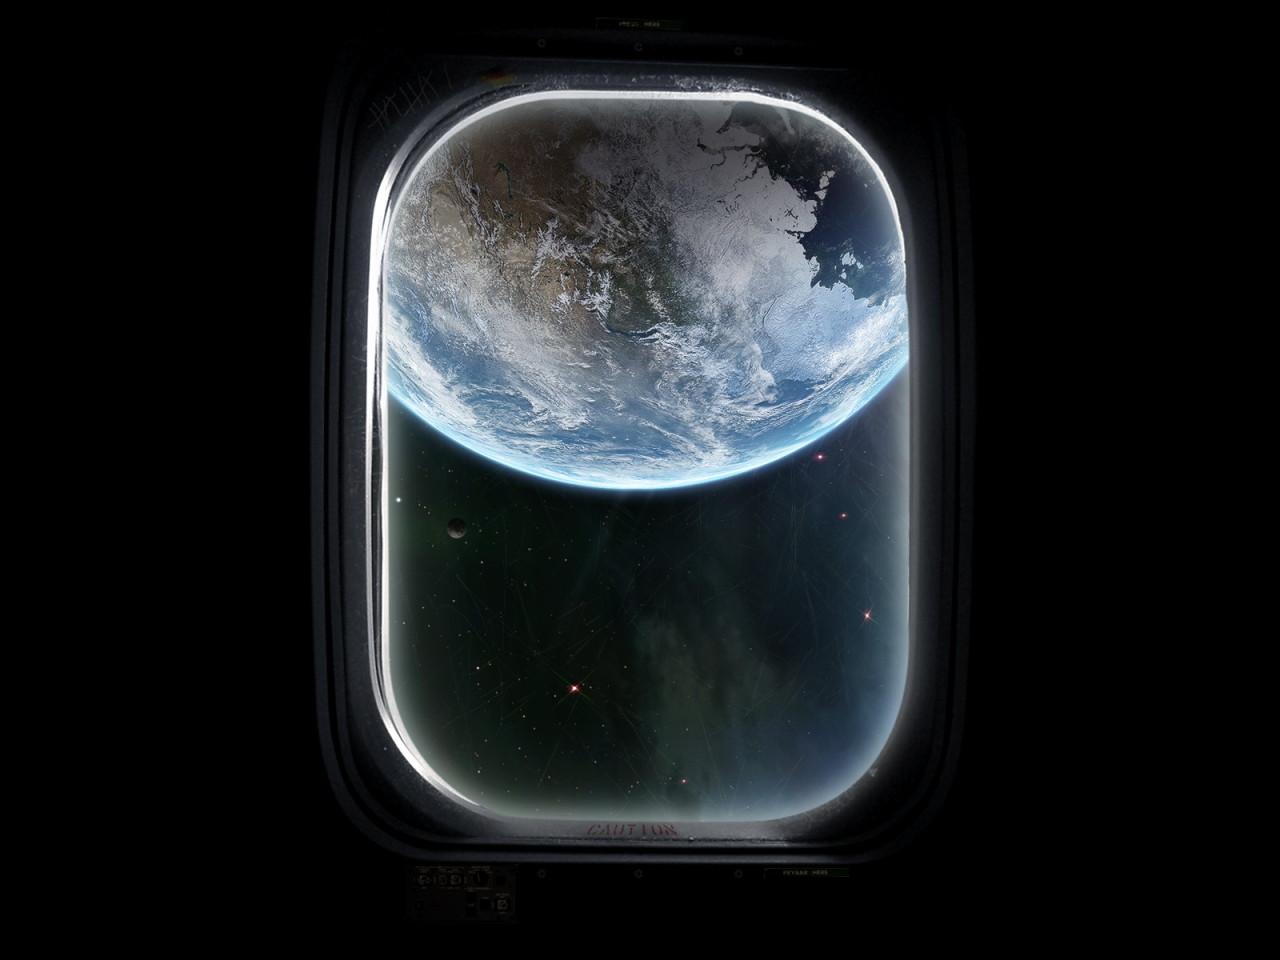 Земля в иллюминаторе обои для